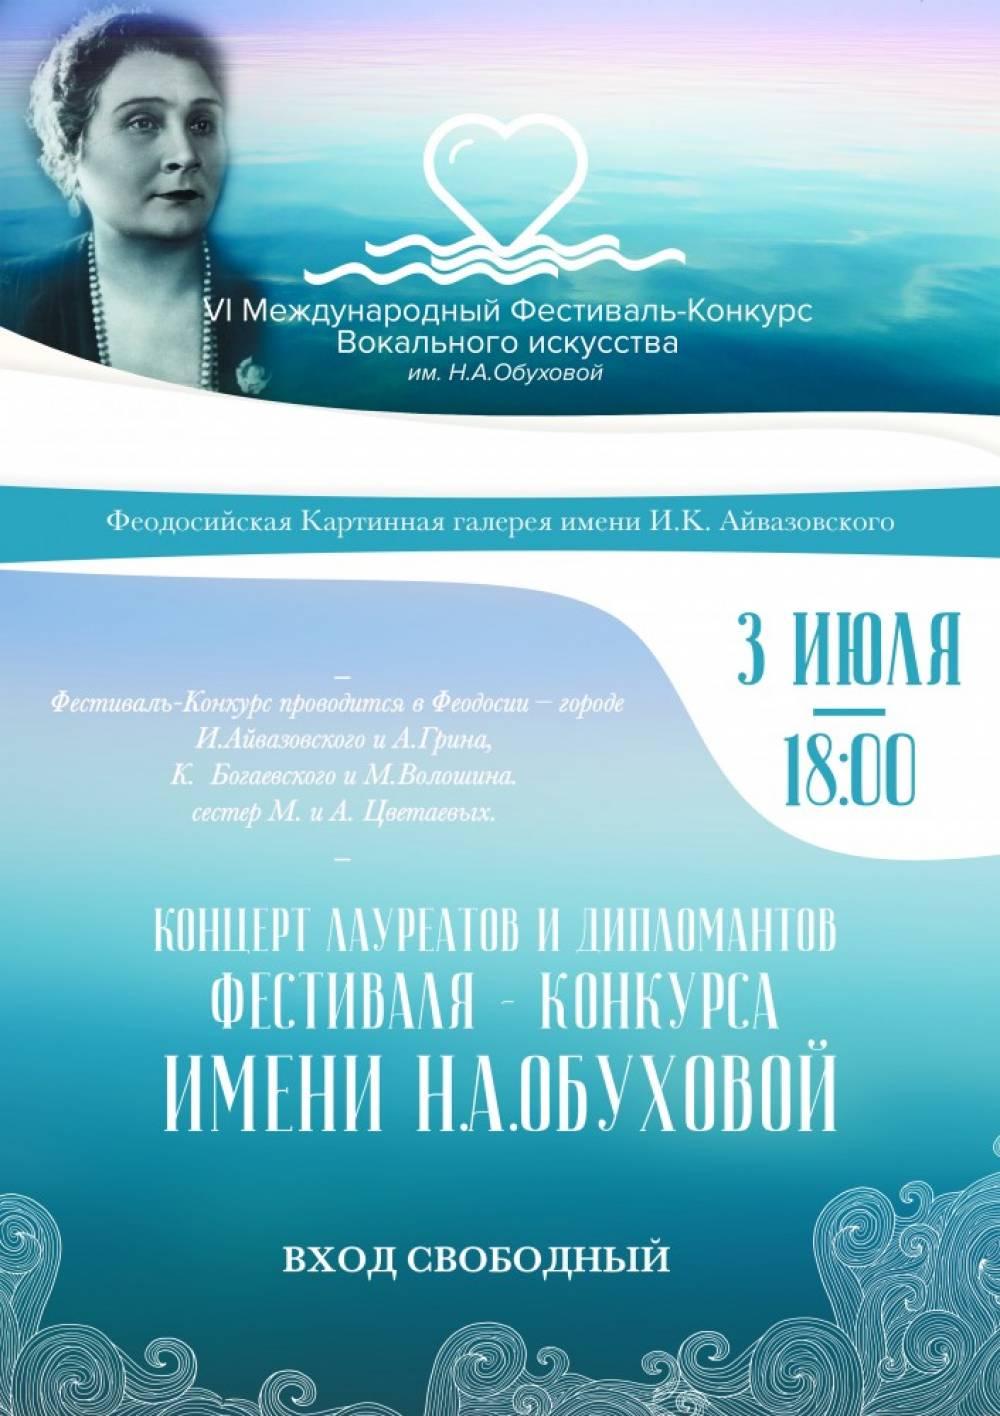 Фестиваль-конкурс им. Н.А. Обуховой